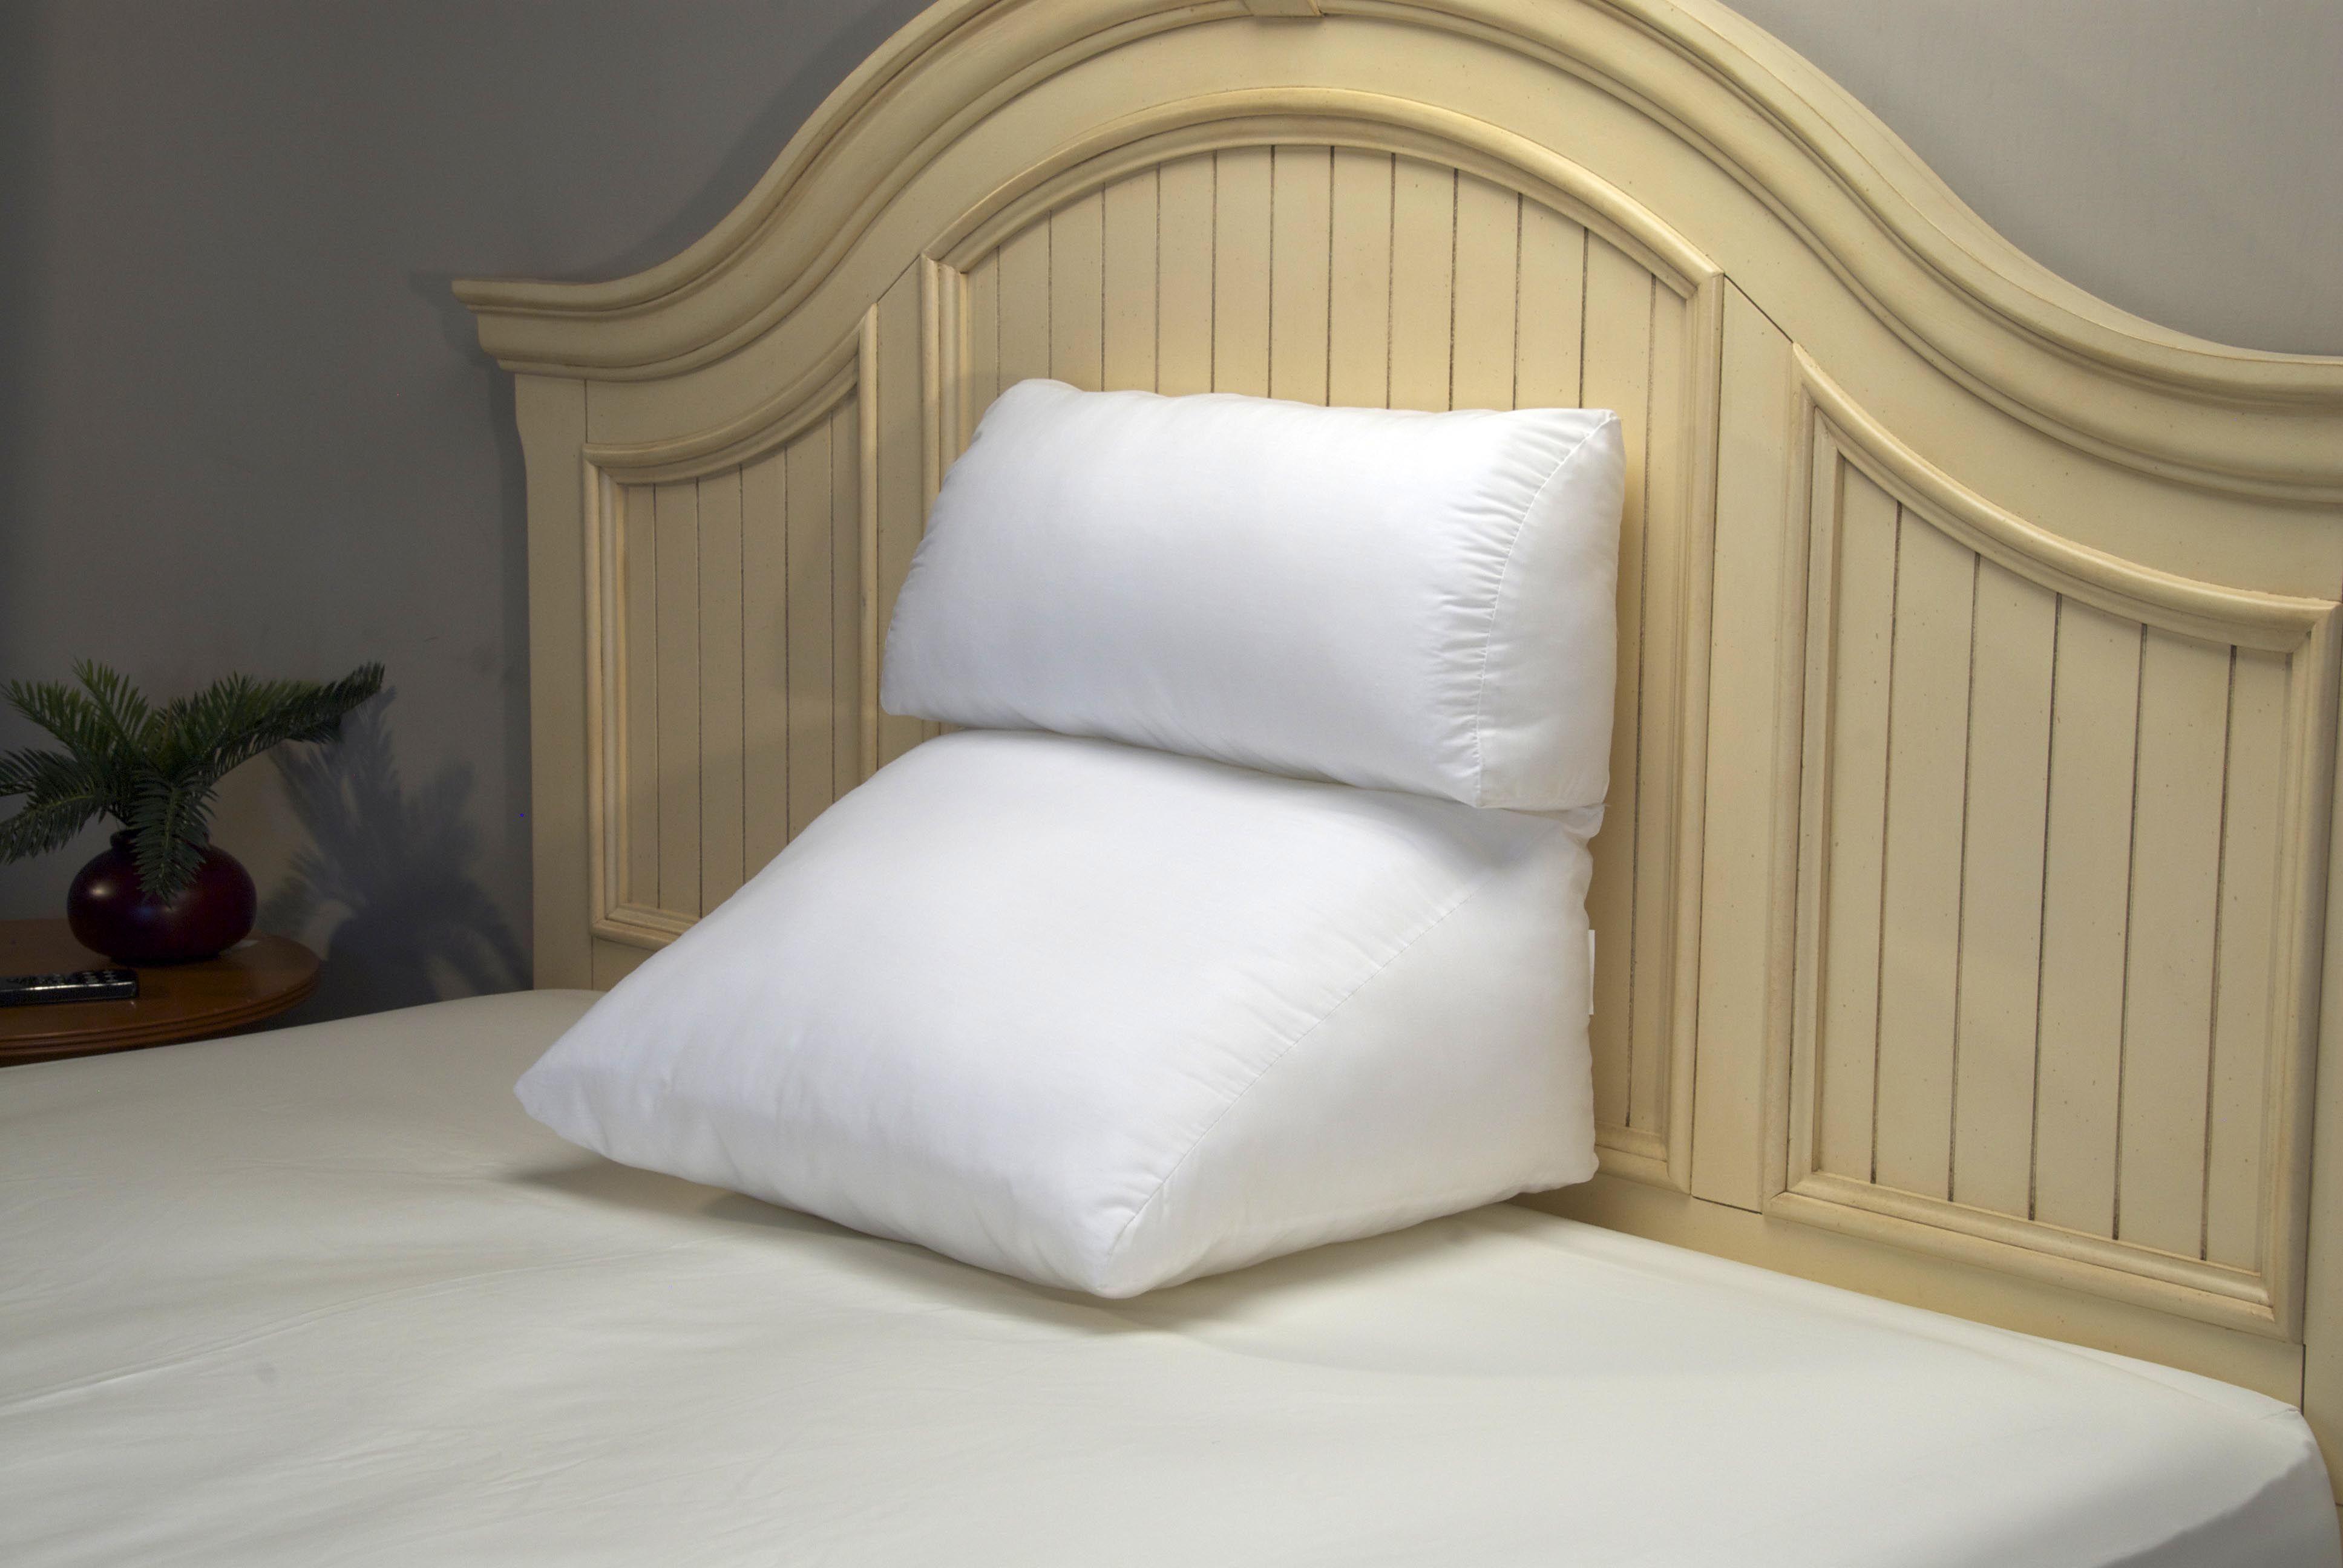 bed pillows reading   design ideas 2017-2018   pinterest   pillows